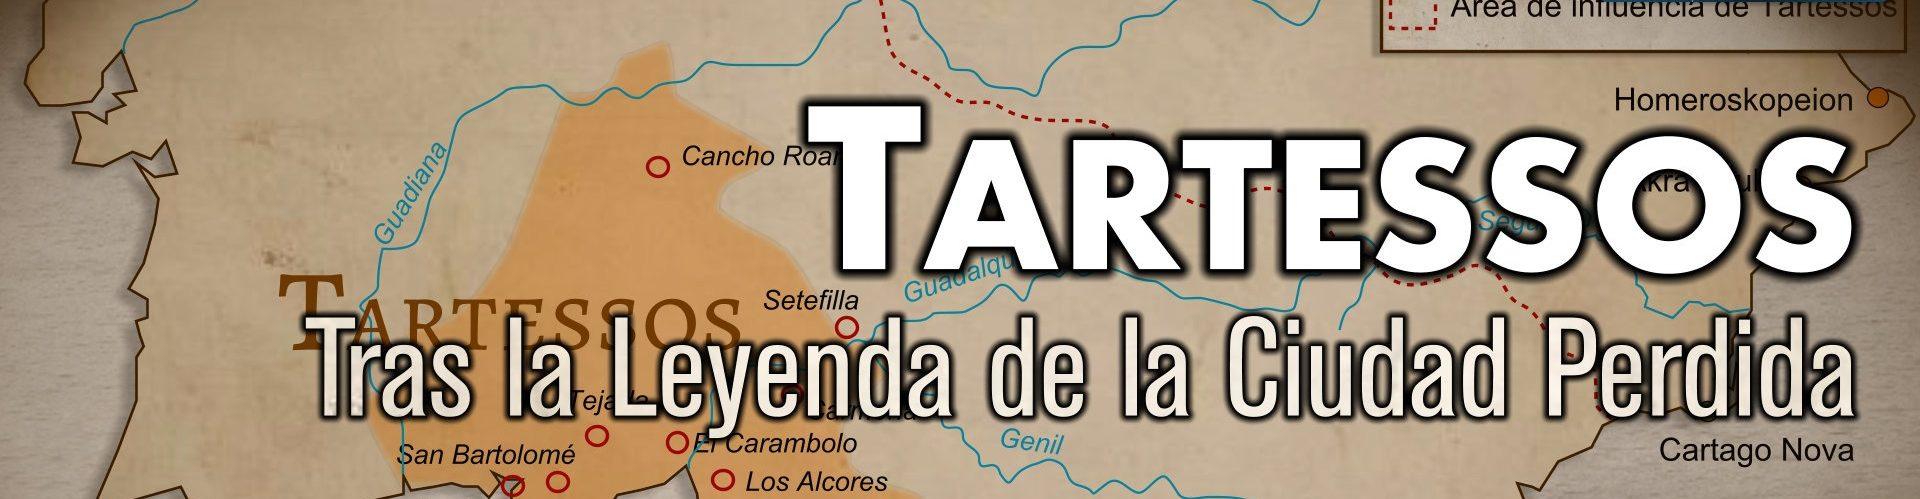 Tartessos la primera civilización de la península Ibérica 1